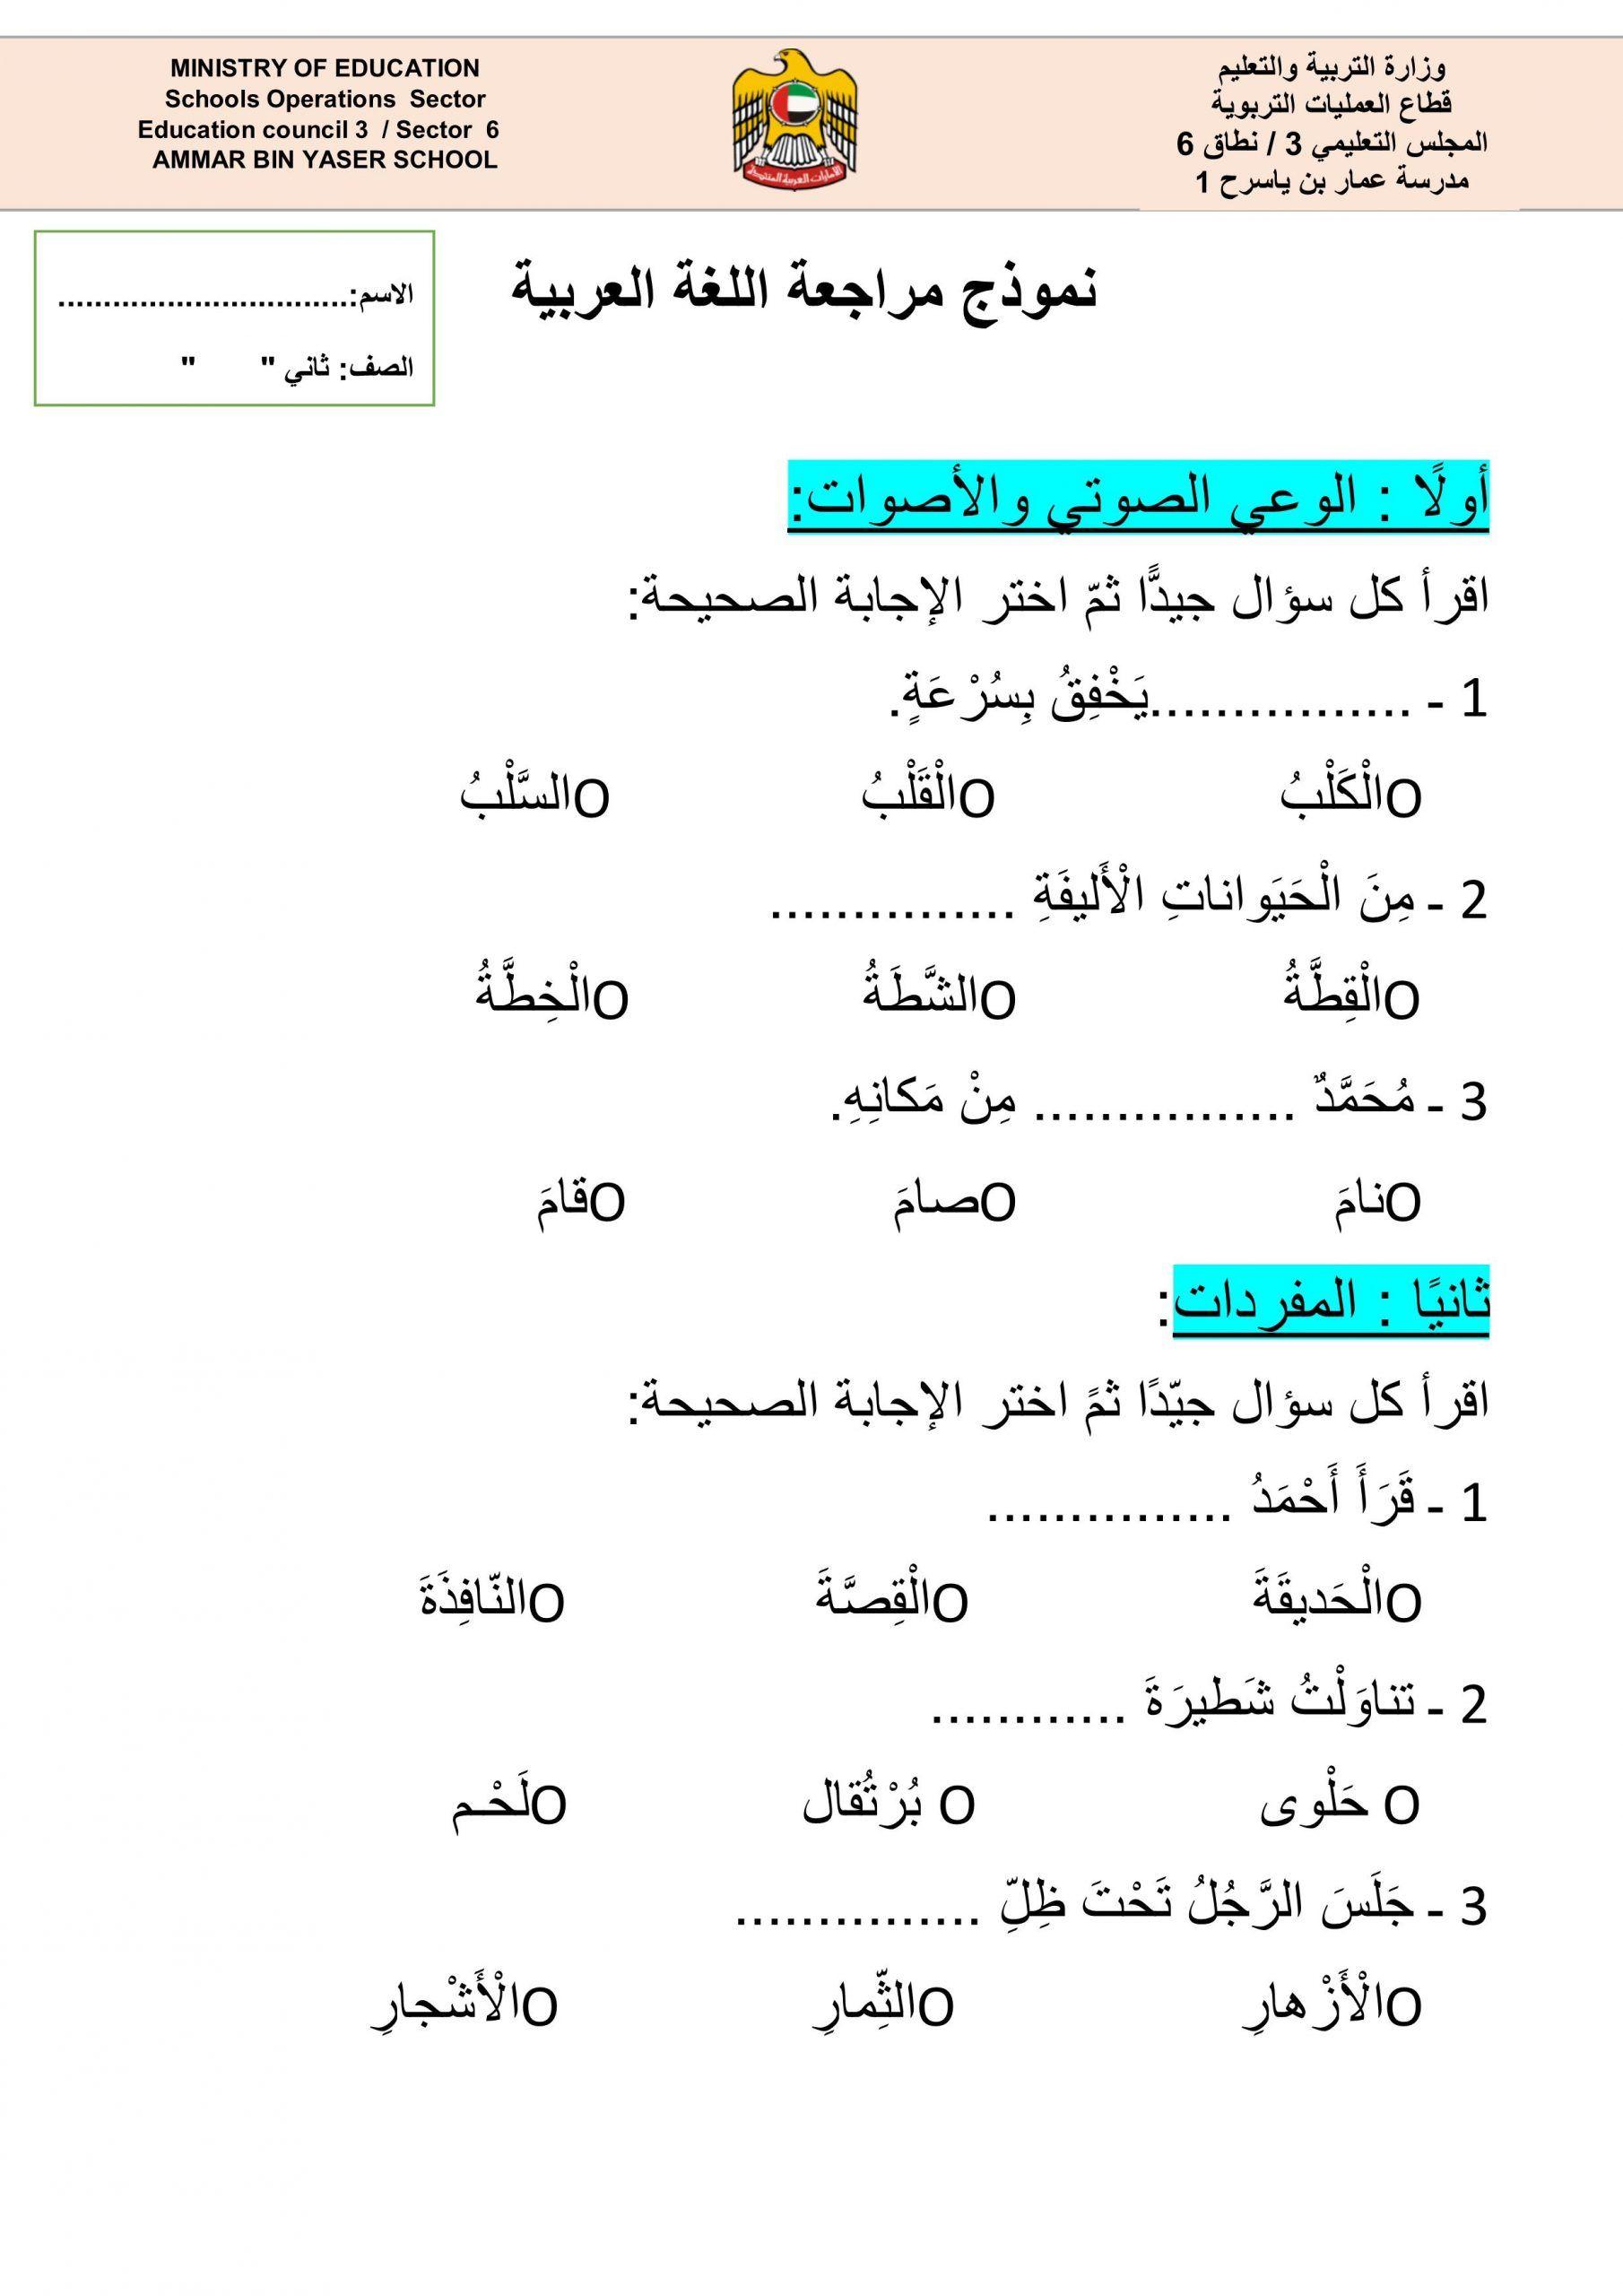 اوراق عمل نموذج مراجعة عامة للصف الثاني مادة اللغة العربية Ministry Of Education Education School